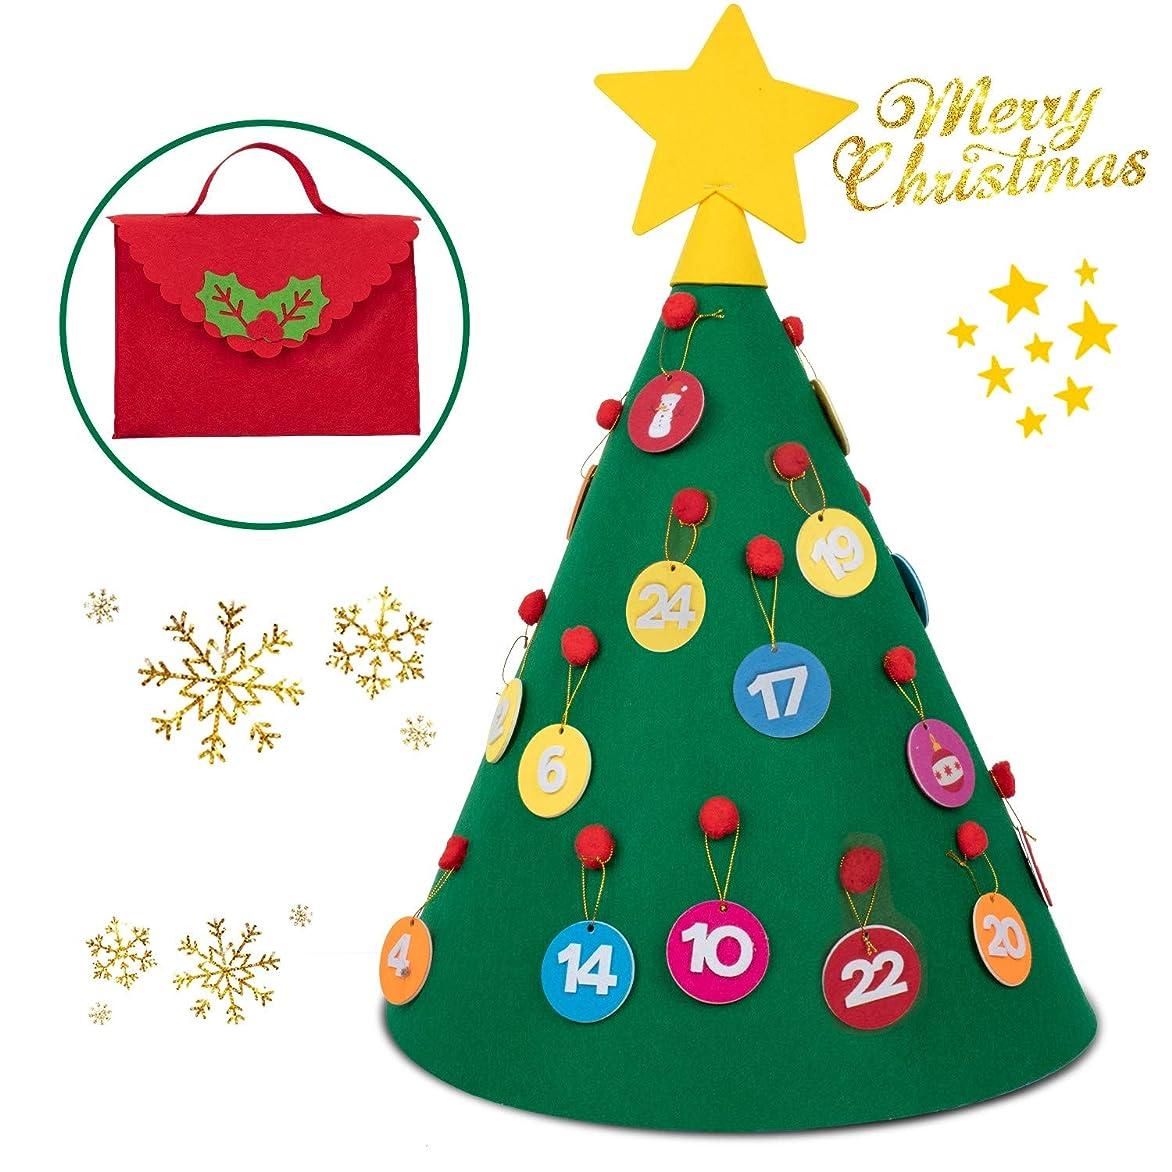 盟主掻く海里T98 クリスマス 壁掛け 飾り カウントダウン アドベントカレンダー デコレーション 布絵本 フェルトクリスマス ツリー タペストリー クリスマスカレンダー オーナメント 24個入りセット (ツリー)